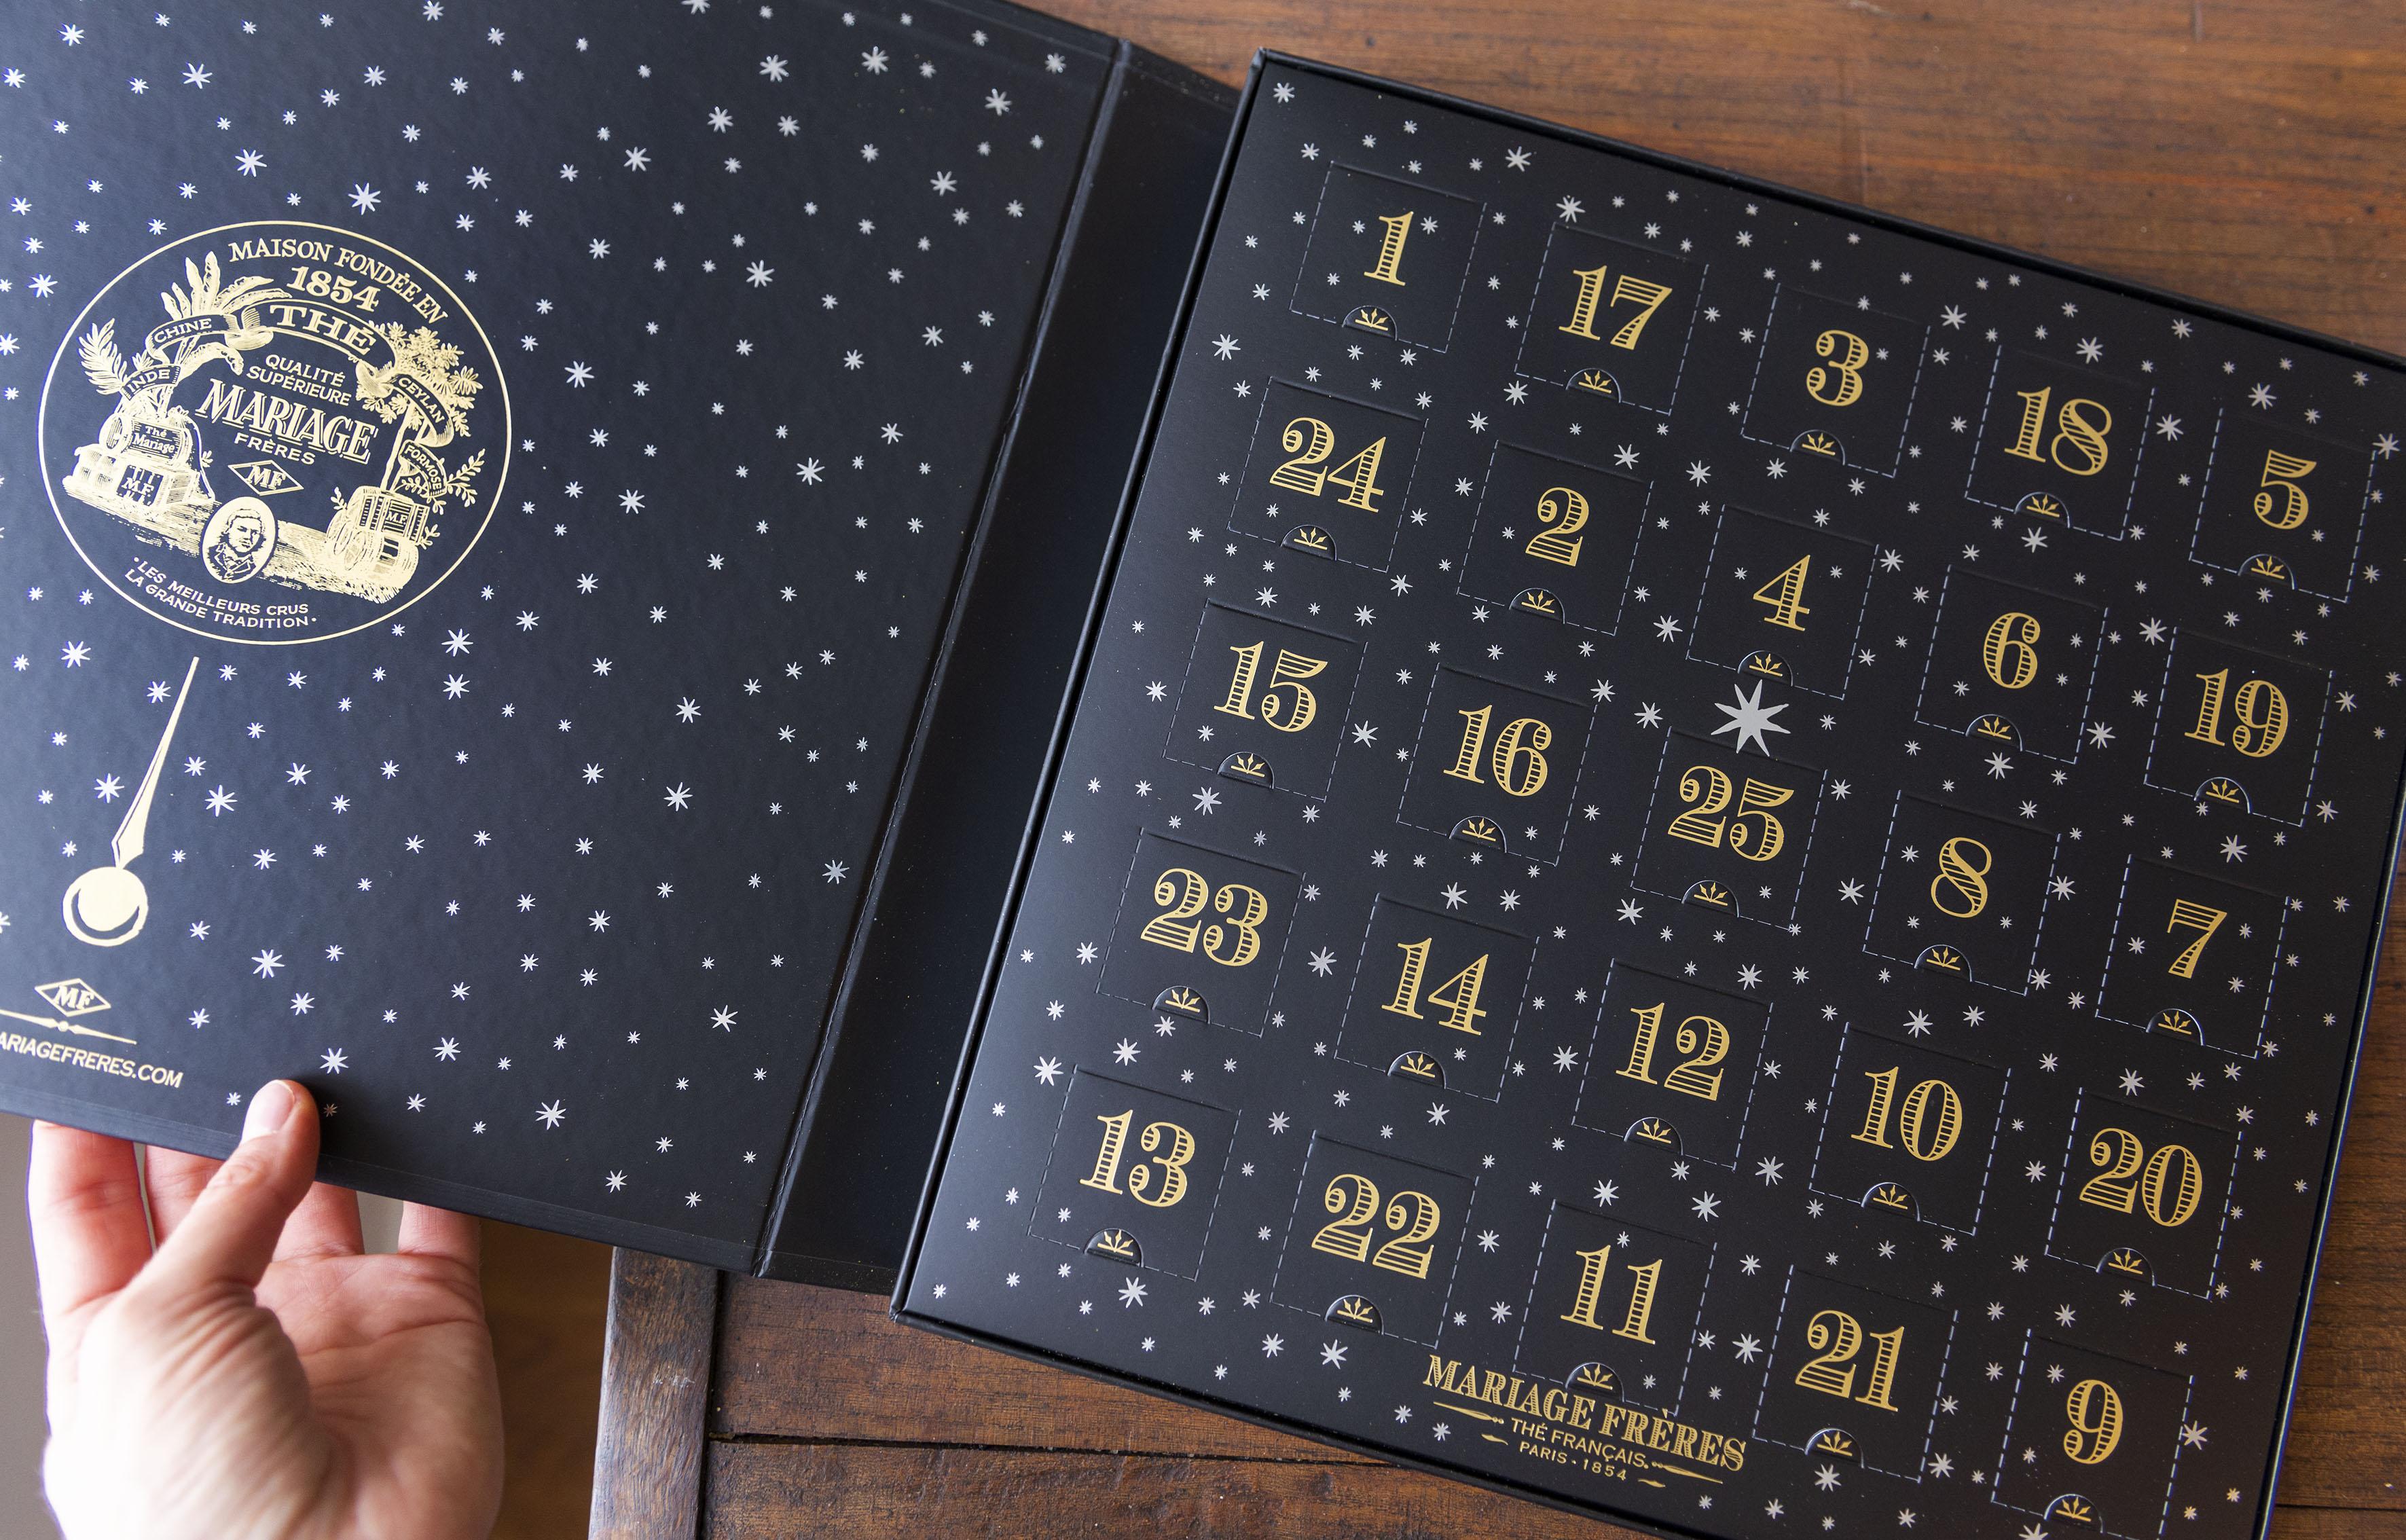 Photographie du dessus du calendrier de l'avent Mariage Frères 2019